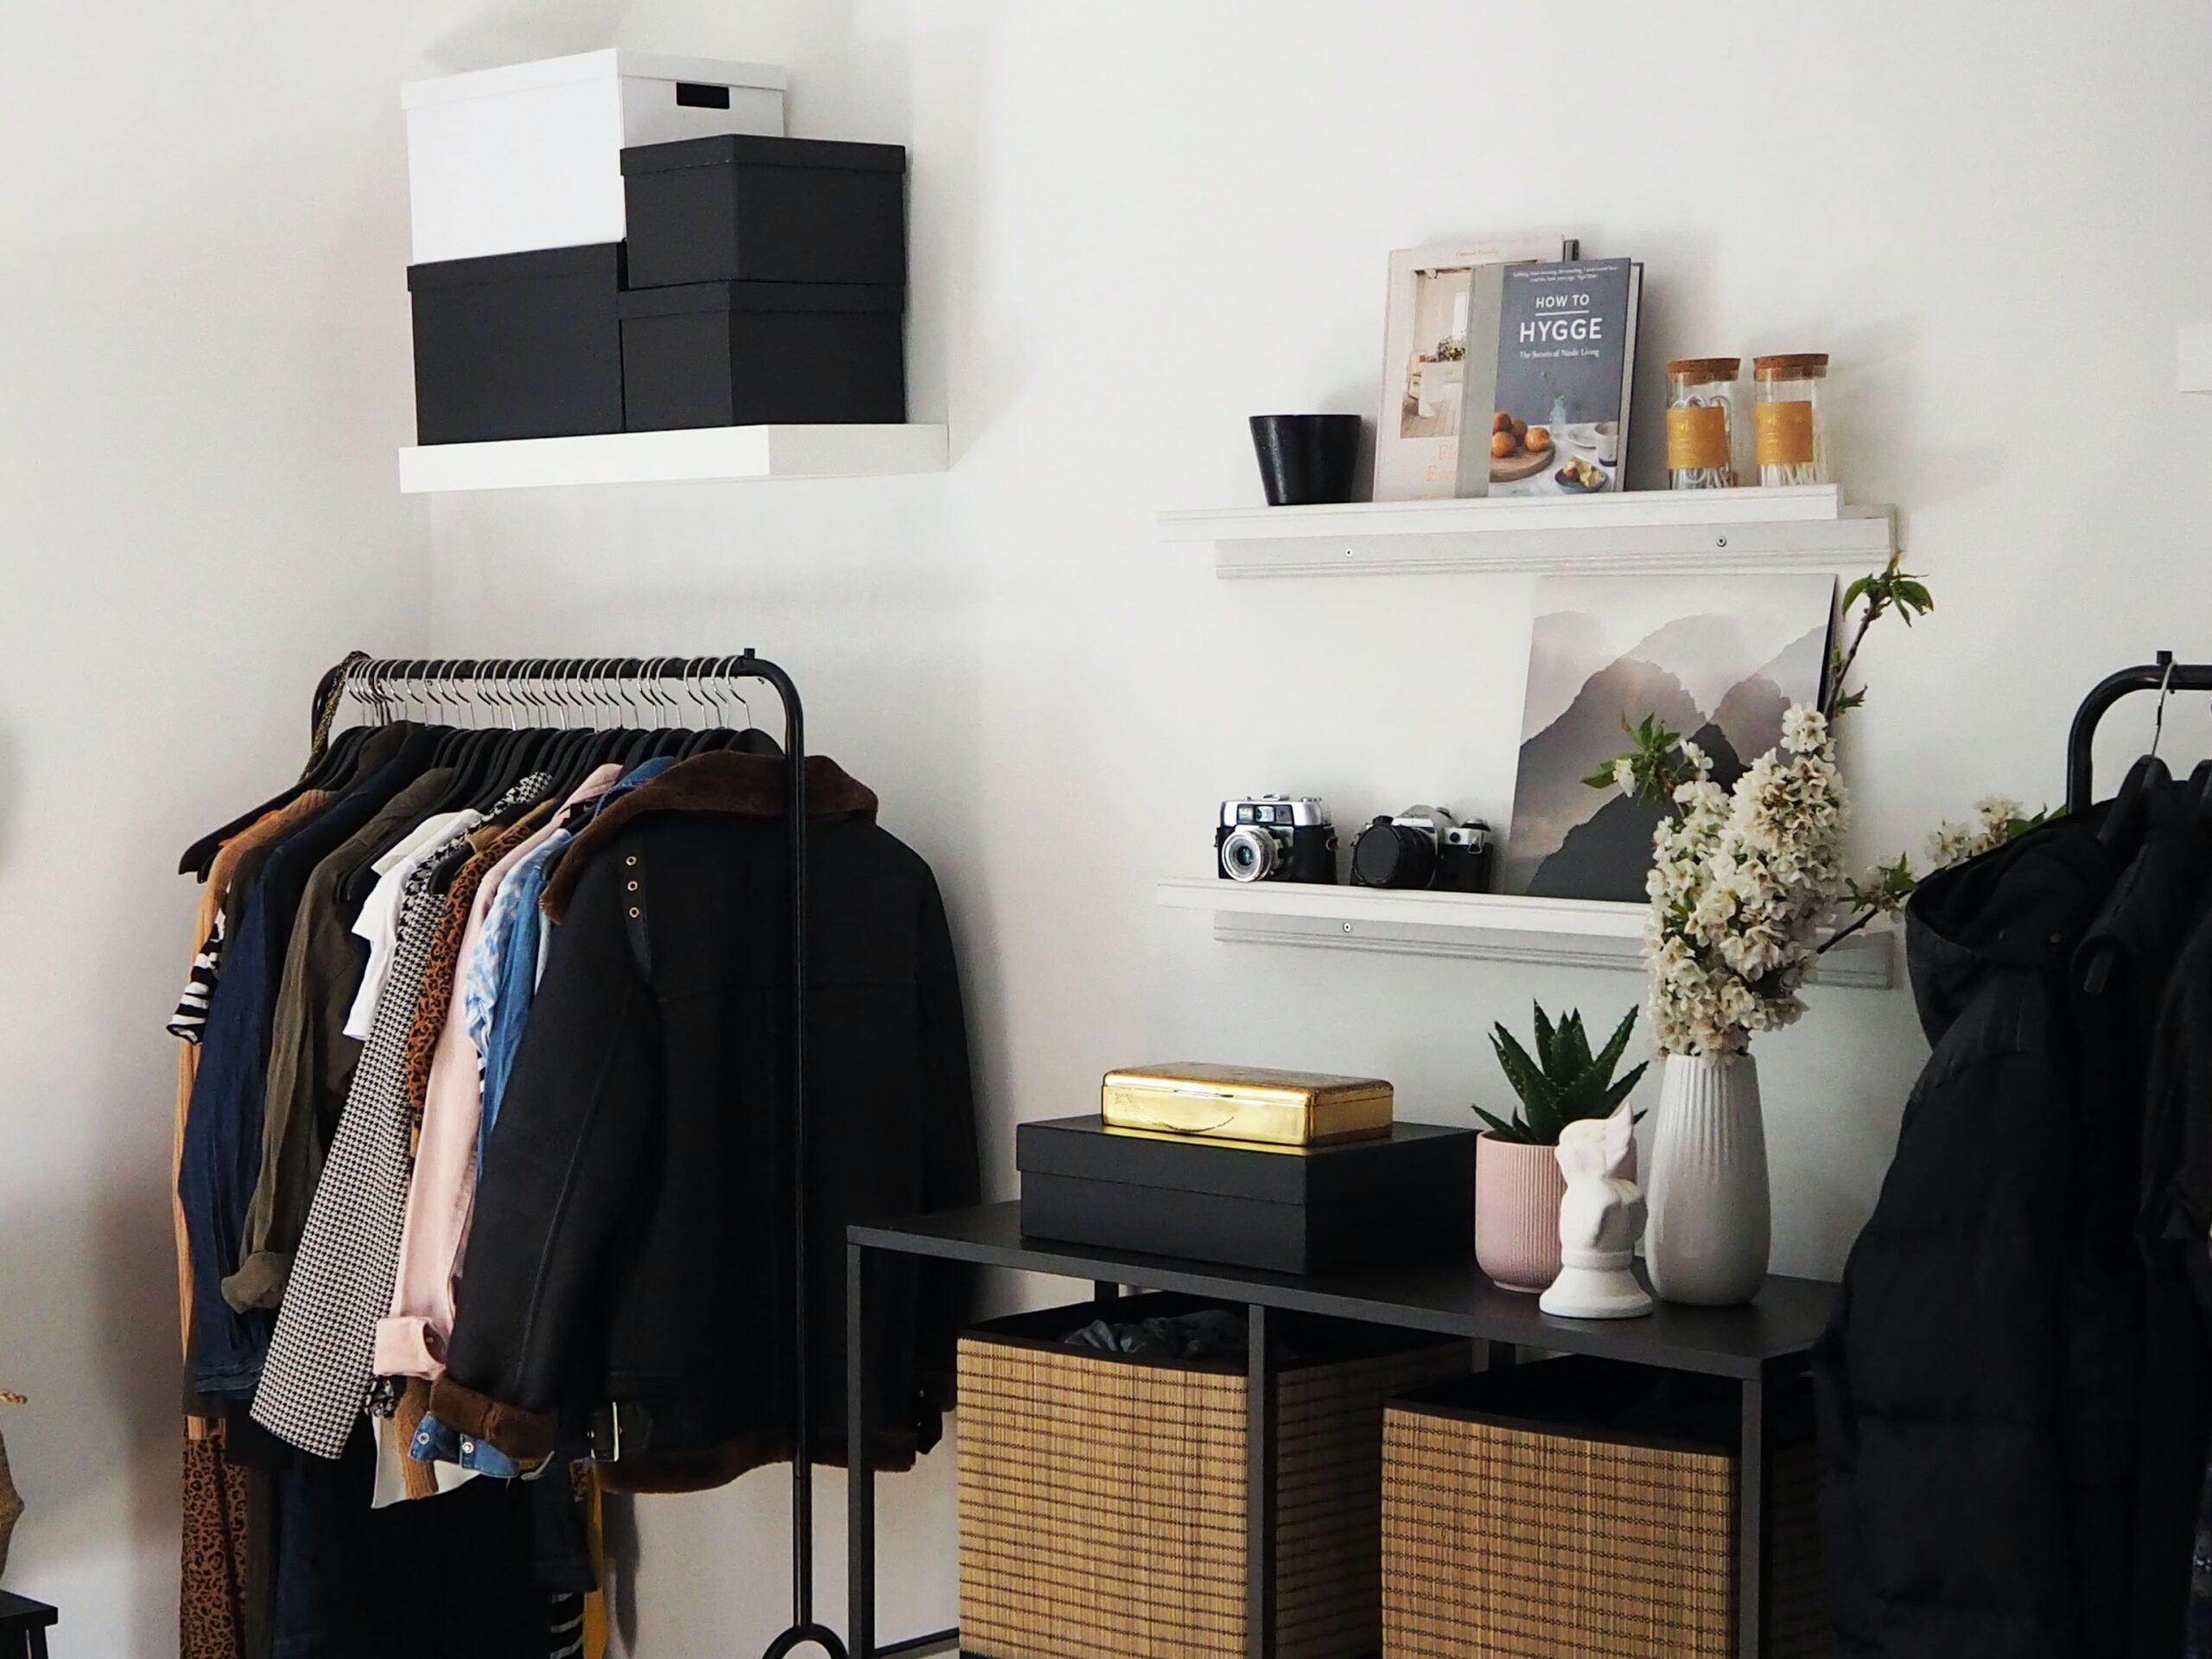 Ankleidezimmer Ideen Gestaltung und Einrichtung Vorschau